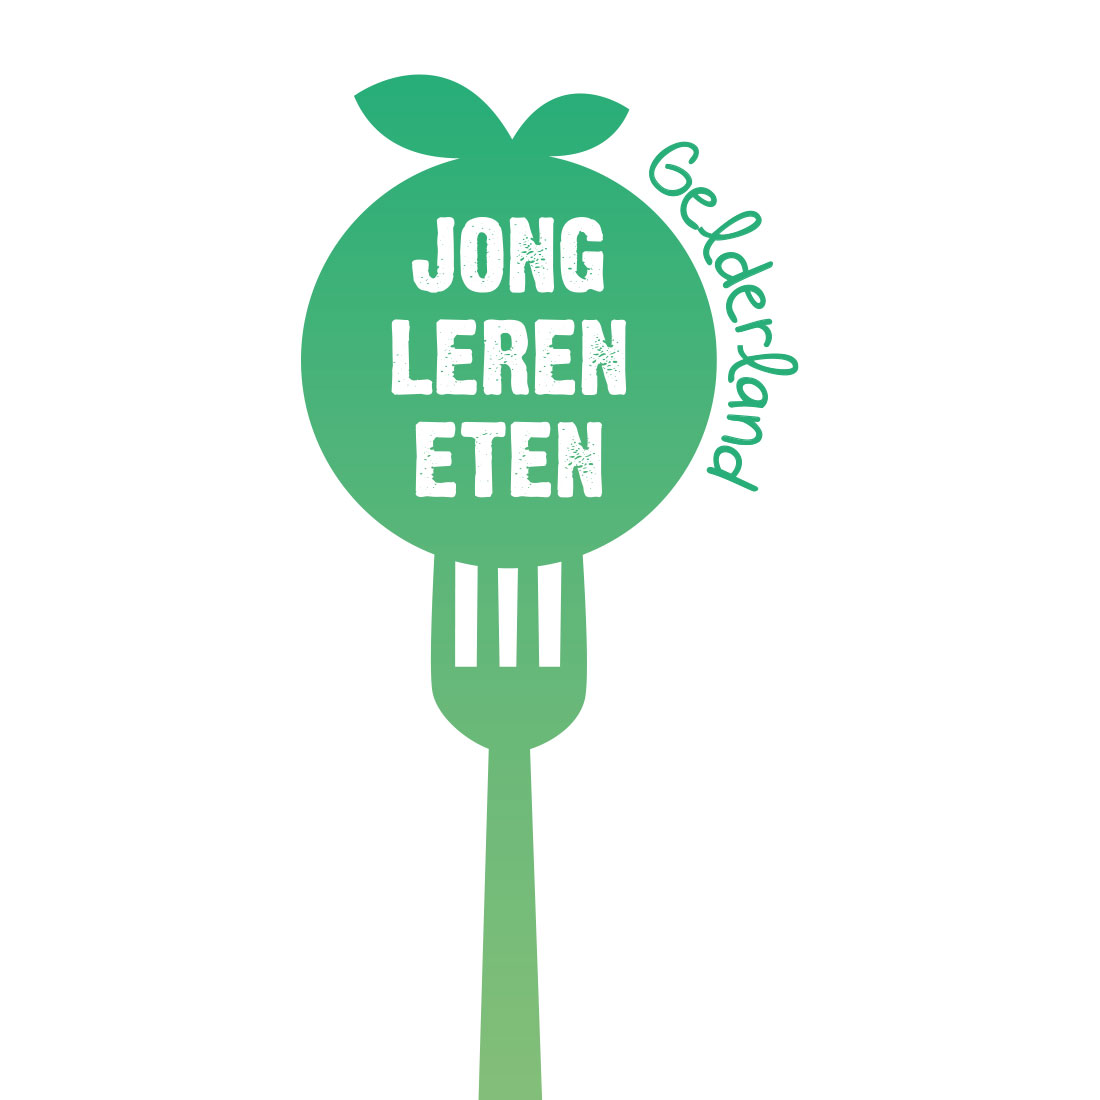 Jong leren eten Gelderland